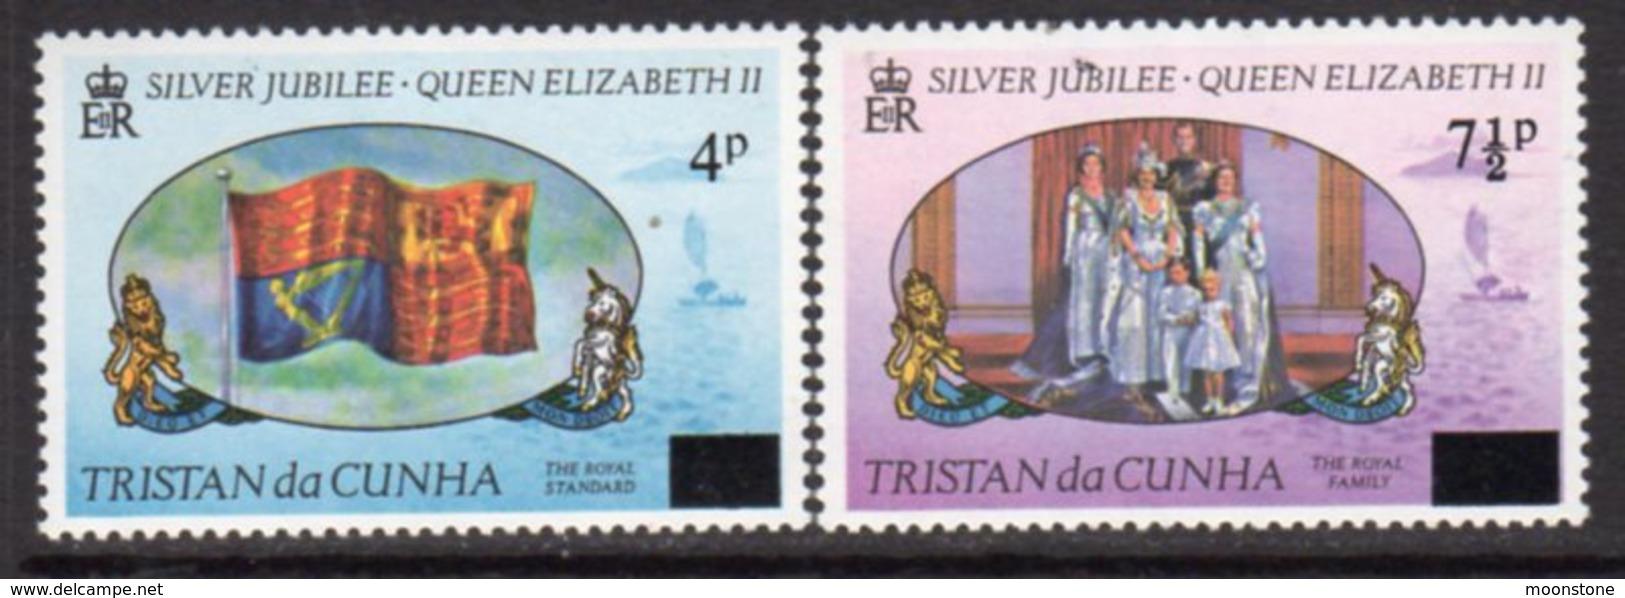 Tristan Da Cunha 1978 Provisional Surcharges Set Of 2, MNH, SG 232/3 - Tristan Da Cunha